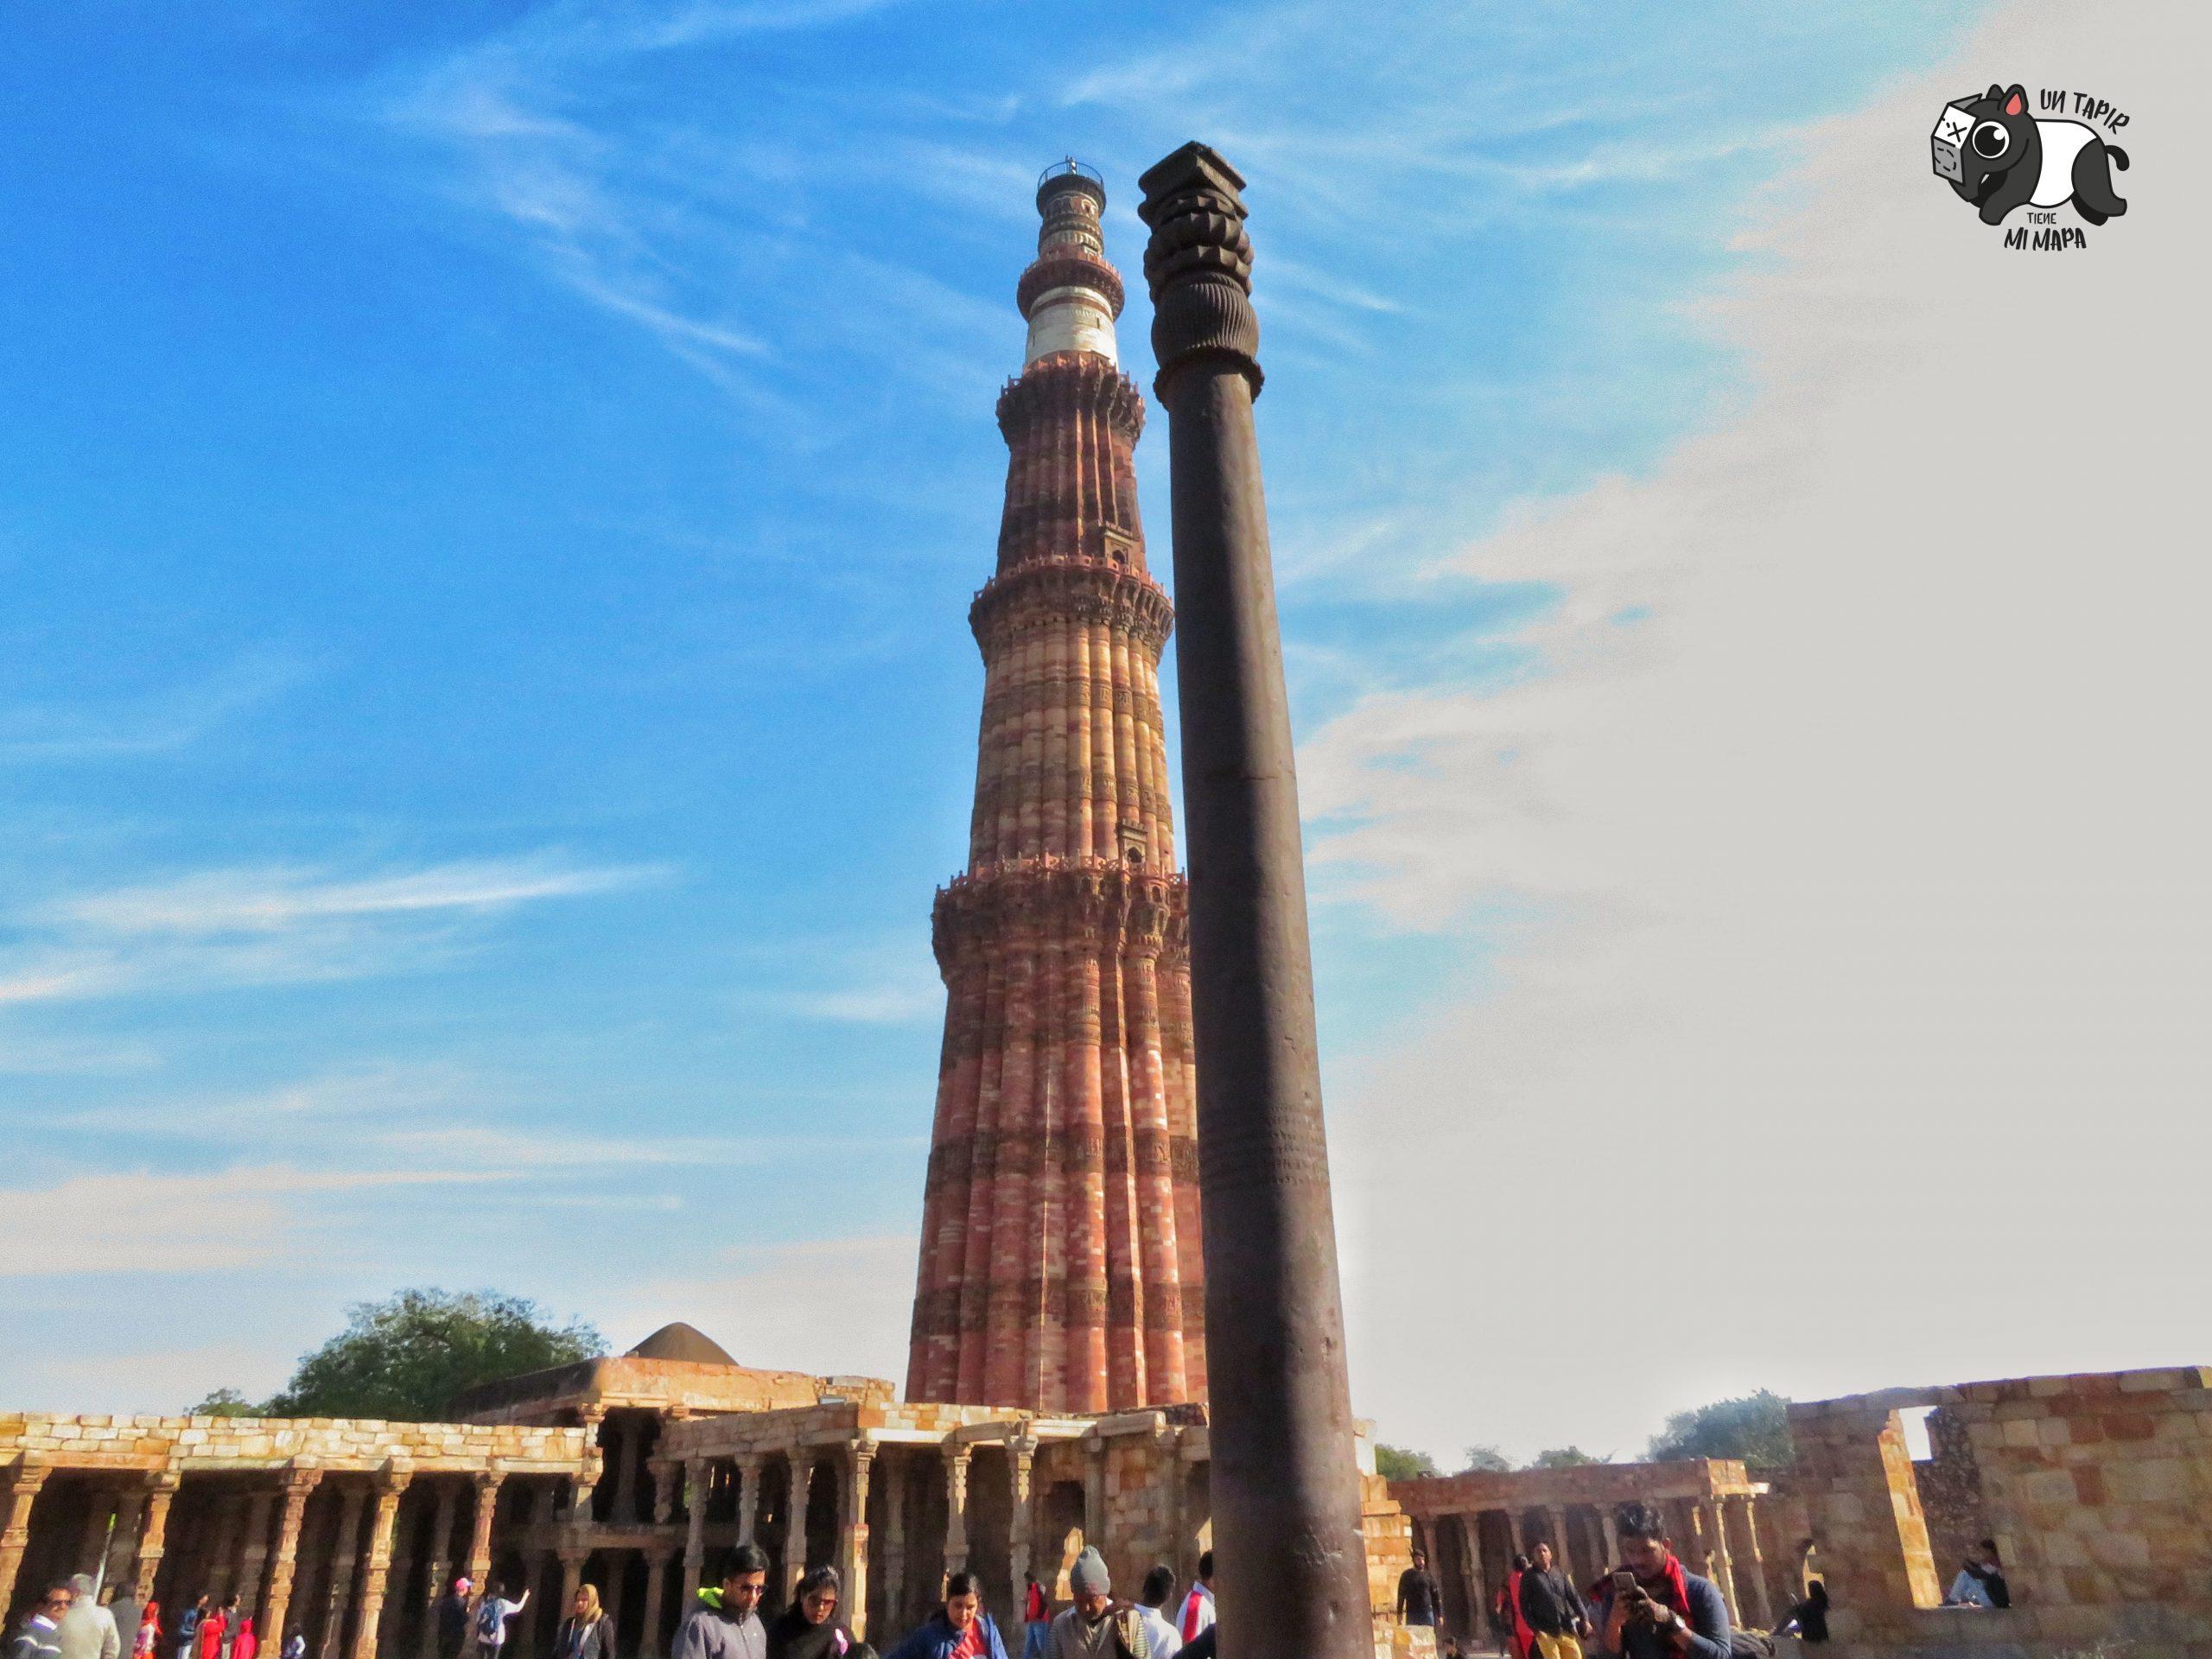 Pilar de hierro en el Complejo Qutb Minar.